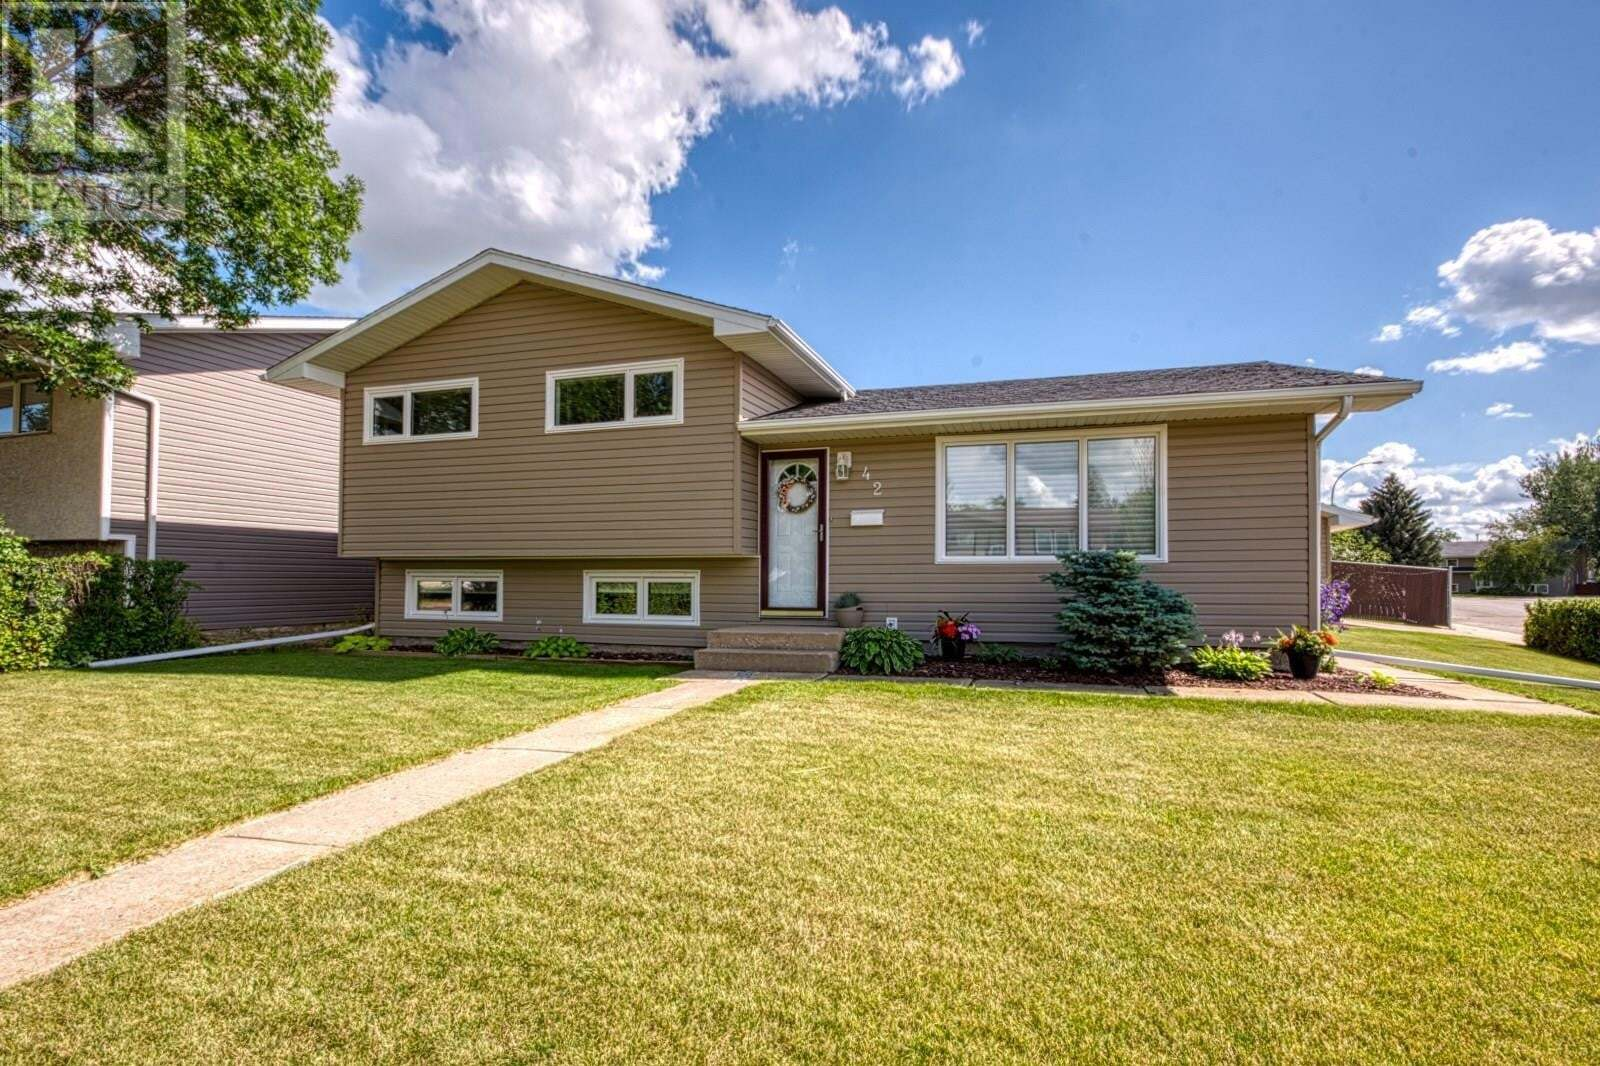 House for sale at 42 Aster Cres Moose Jaw Saskatchewan - MLS: SK819706